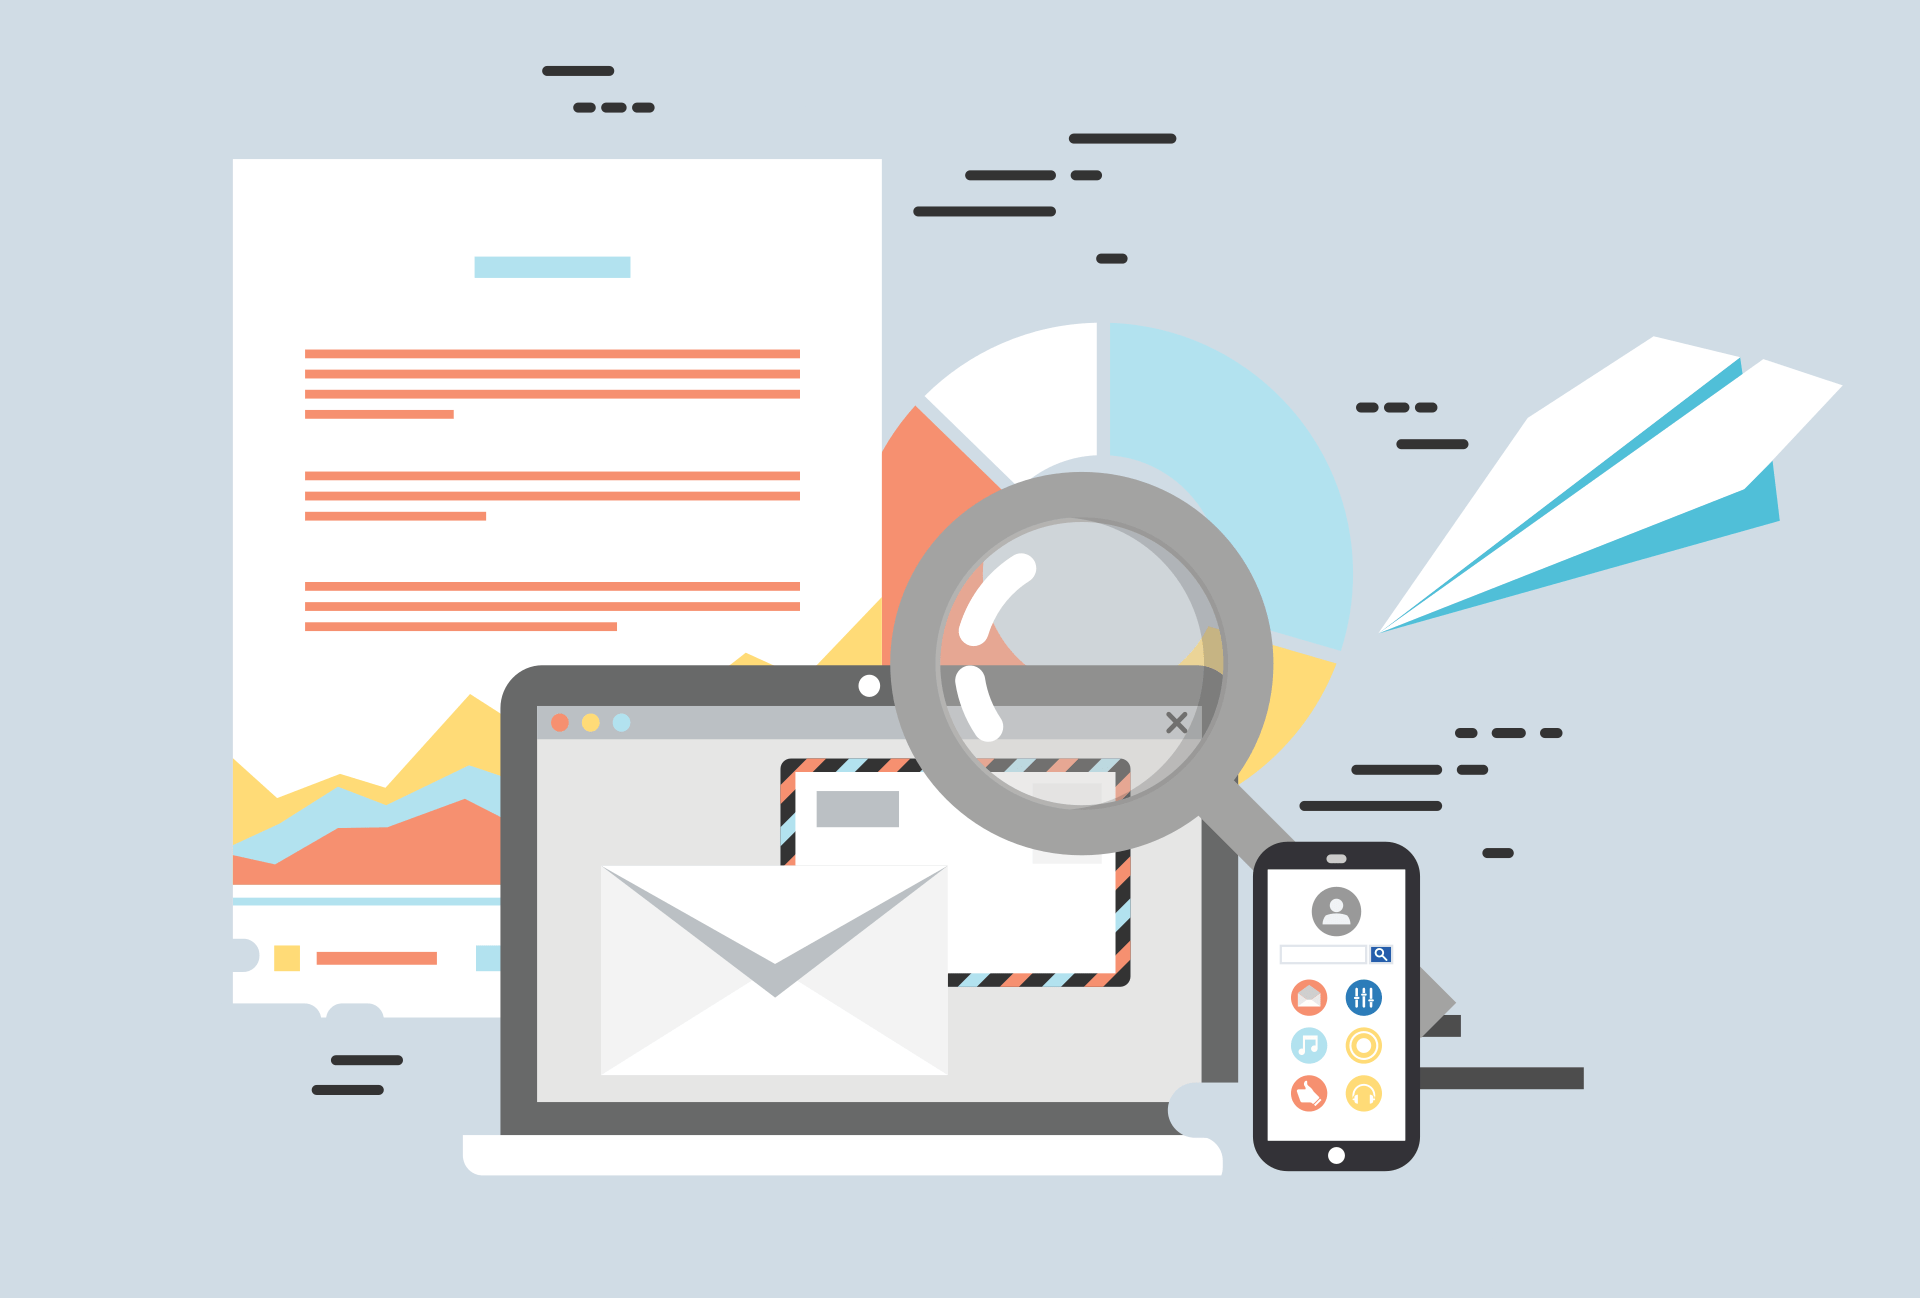 Beschriebenes Blatt Papier, Laptop, Smartphone, Lupe und Papierflieger als Symbol für das umfangreiche Informationsmaterial, das vor einem Termin per E-Mail zugeschickt wird